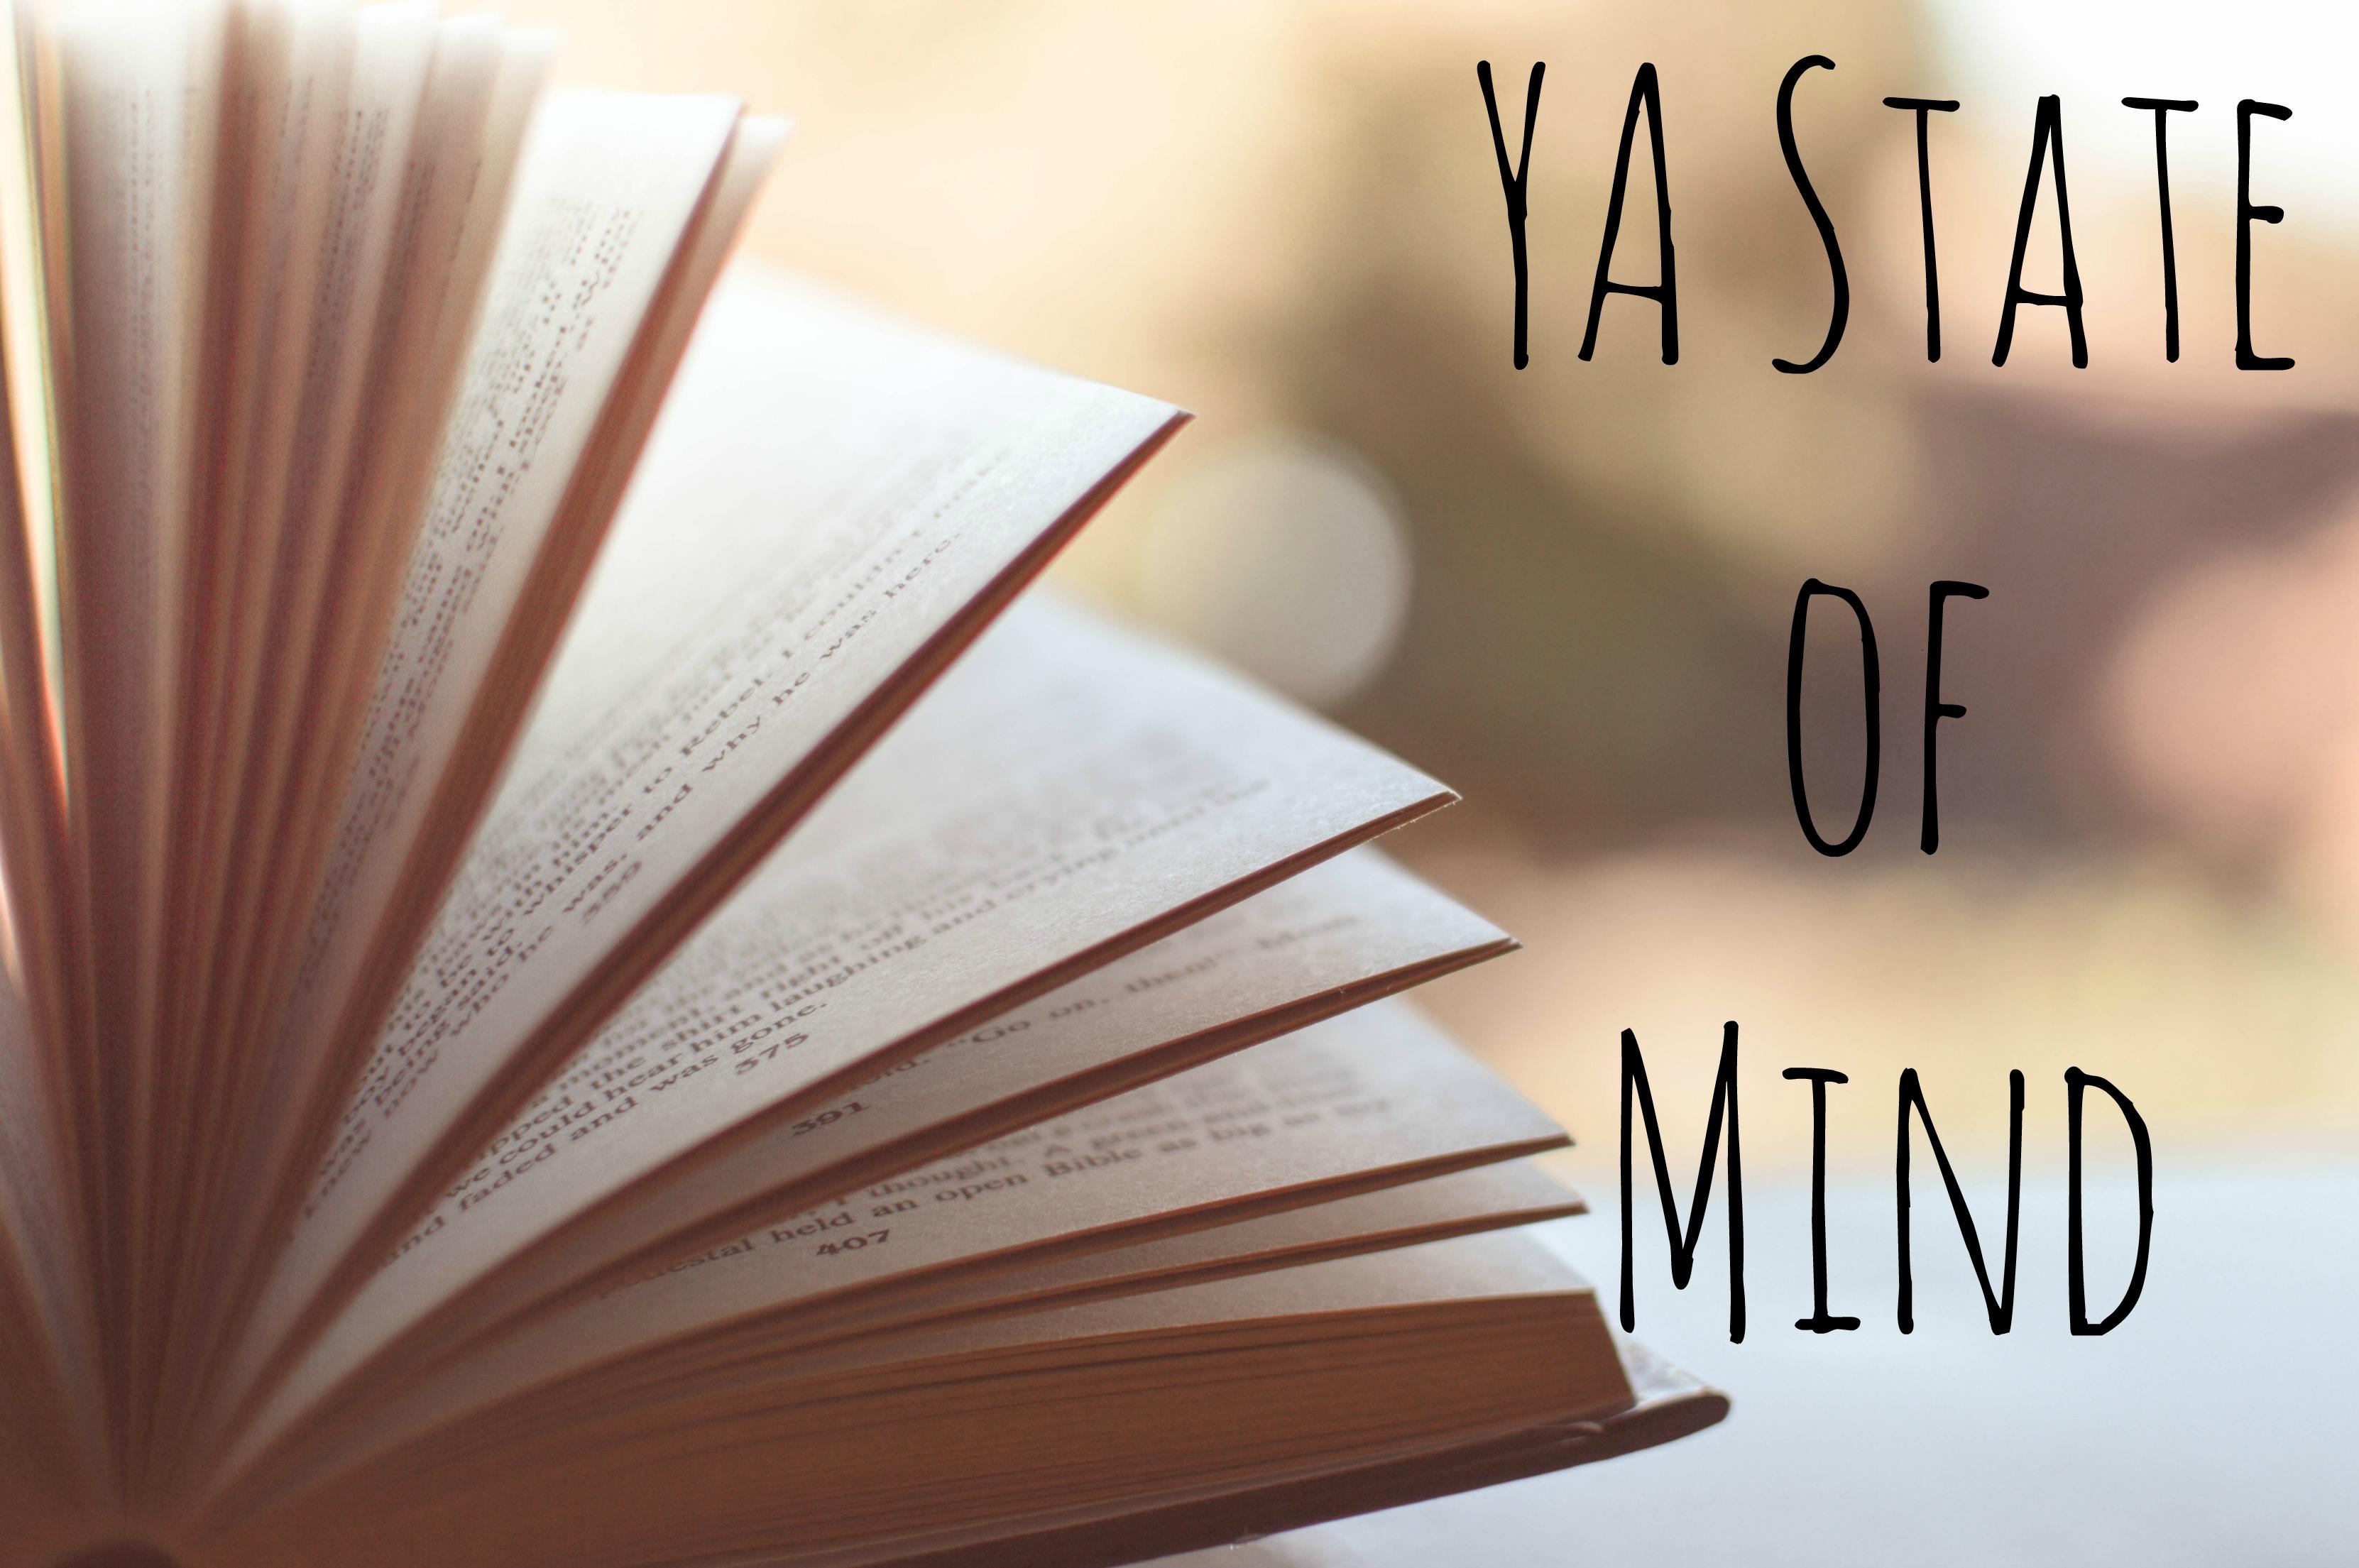 ya-state-of-mind